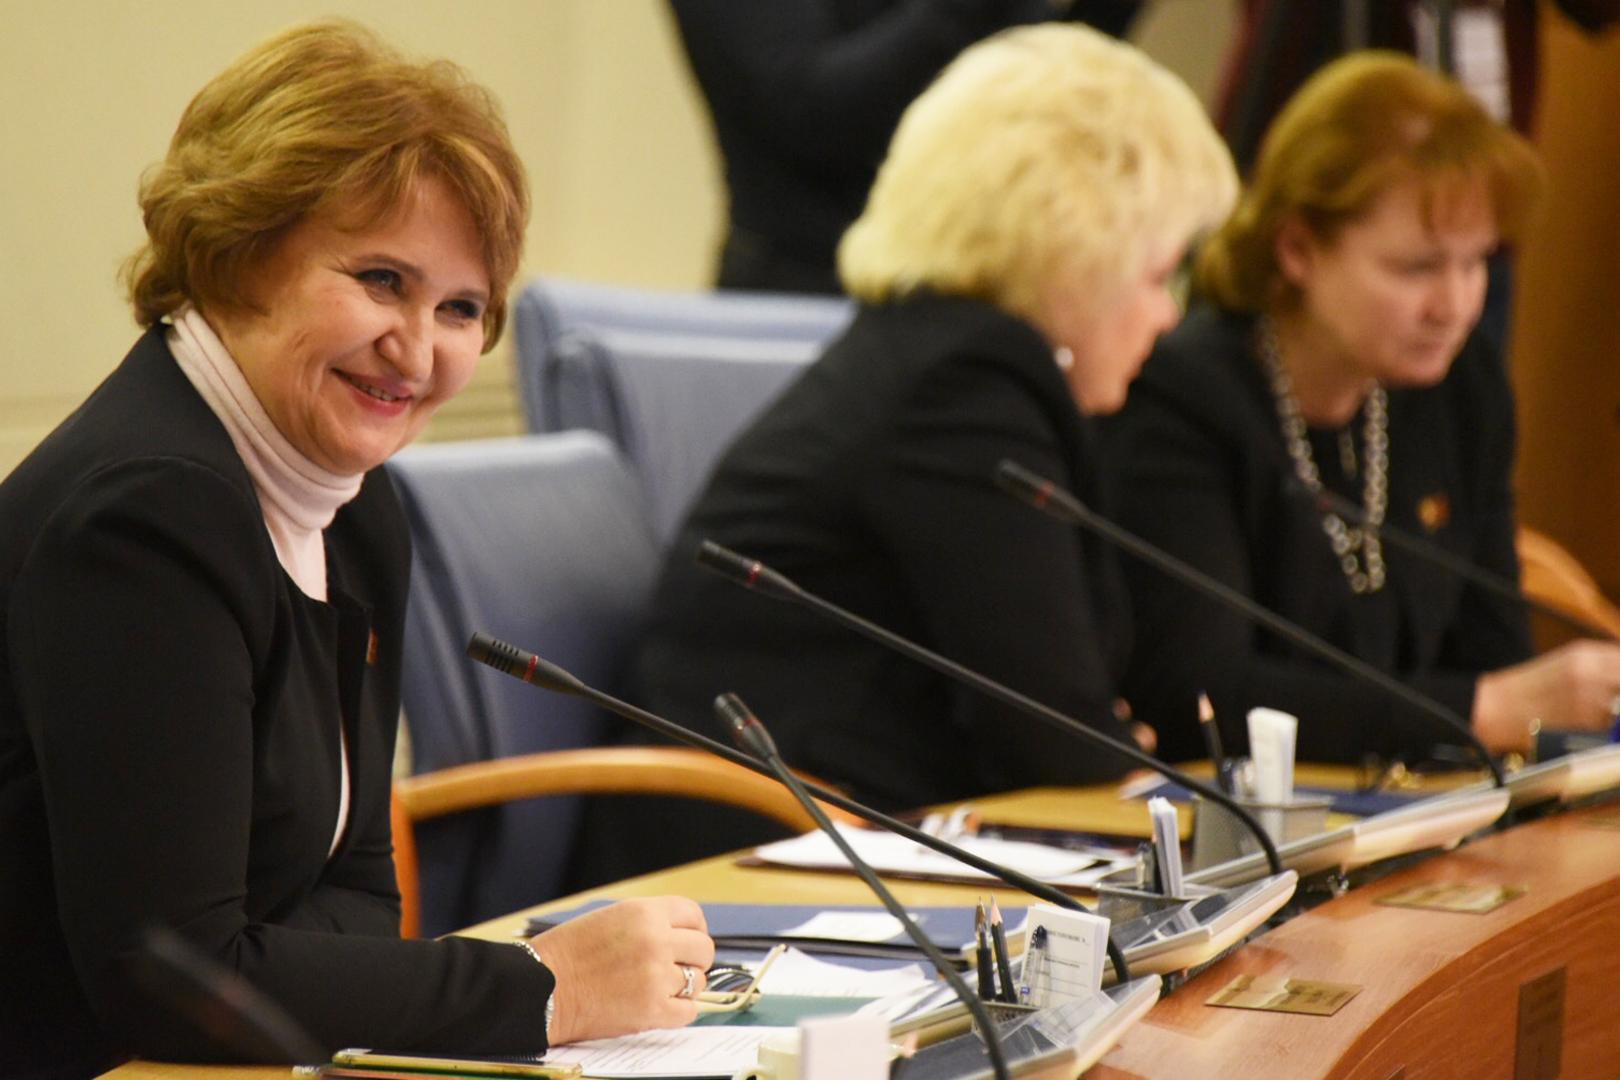 Депутат Мосгордумы Гусева: Антикризисные меры поддержки спасли многие организации